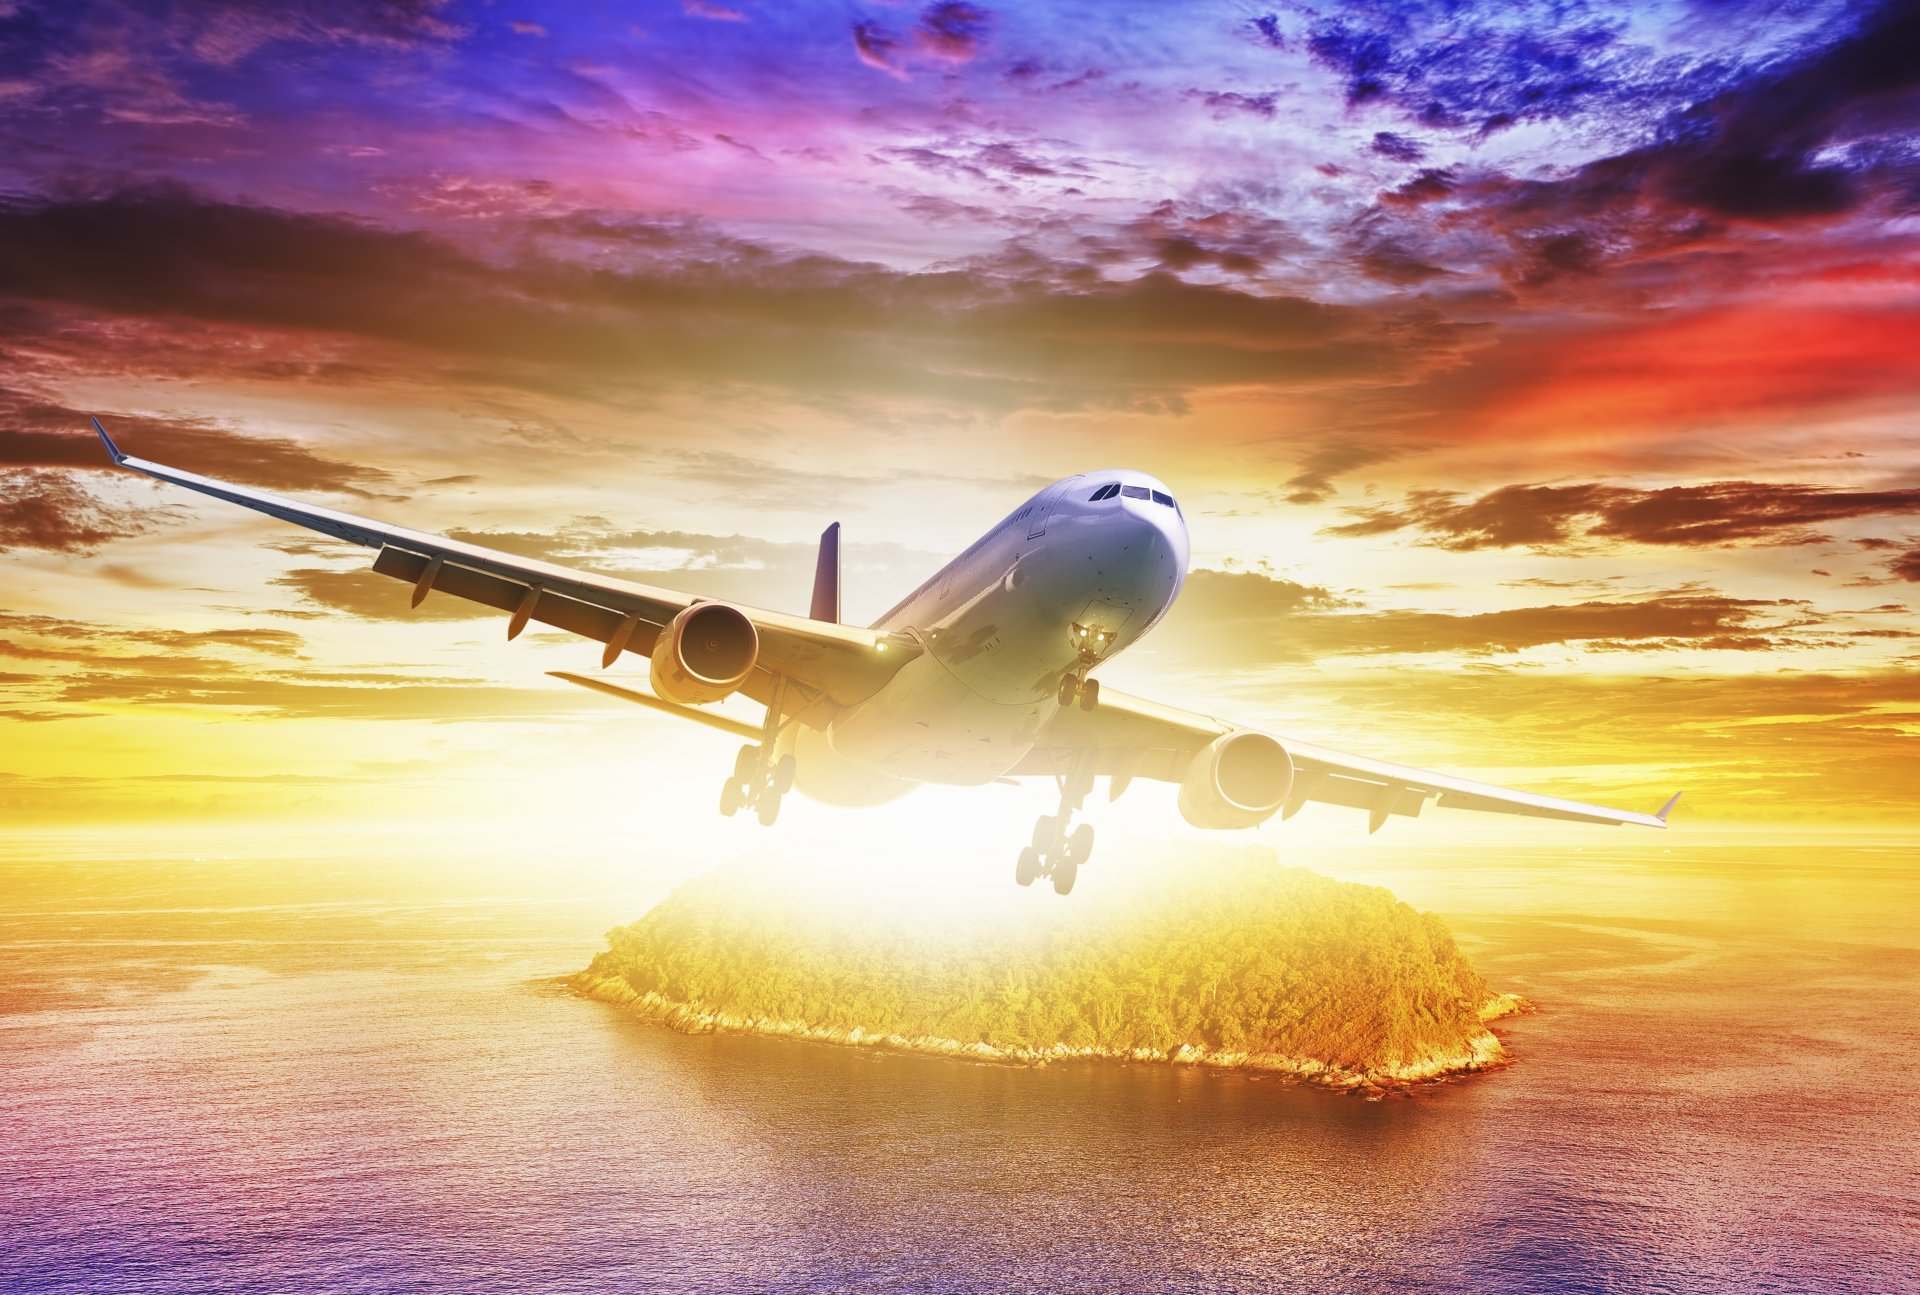 Картинки с международным днем гражданской авиации 7 декабря, открытки аниме открытки